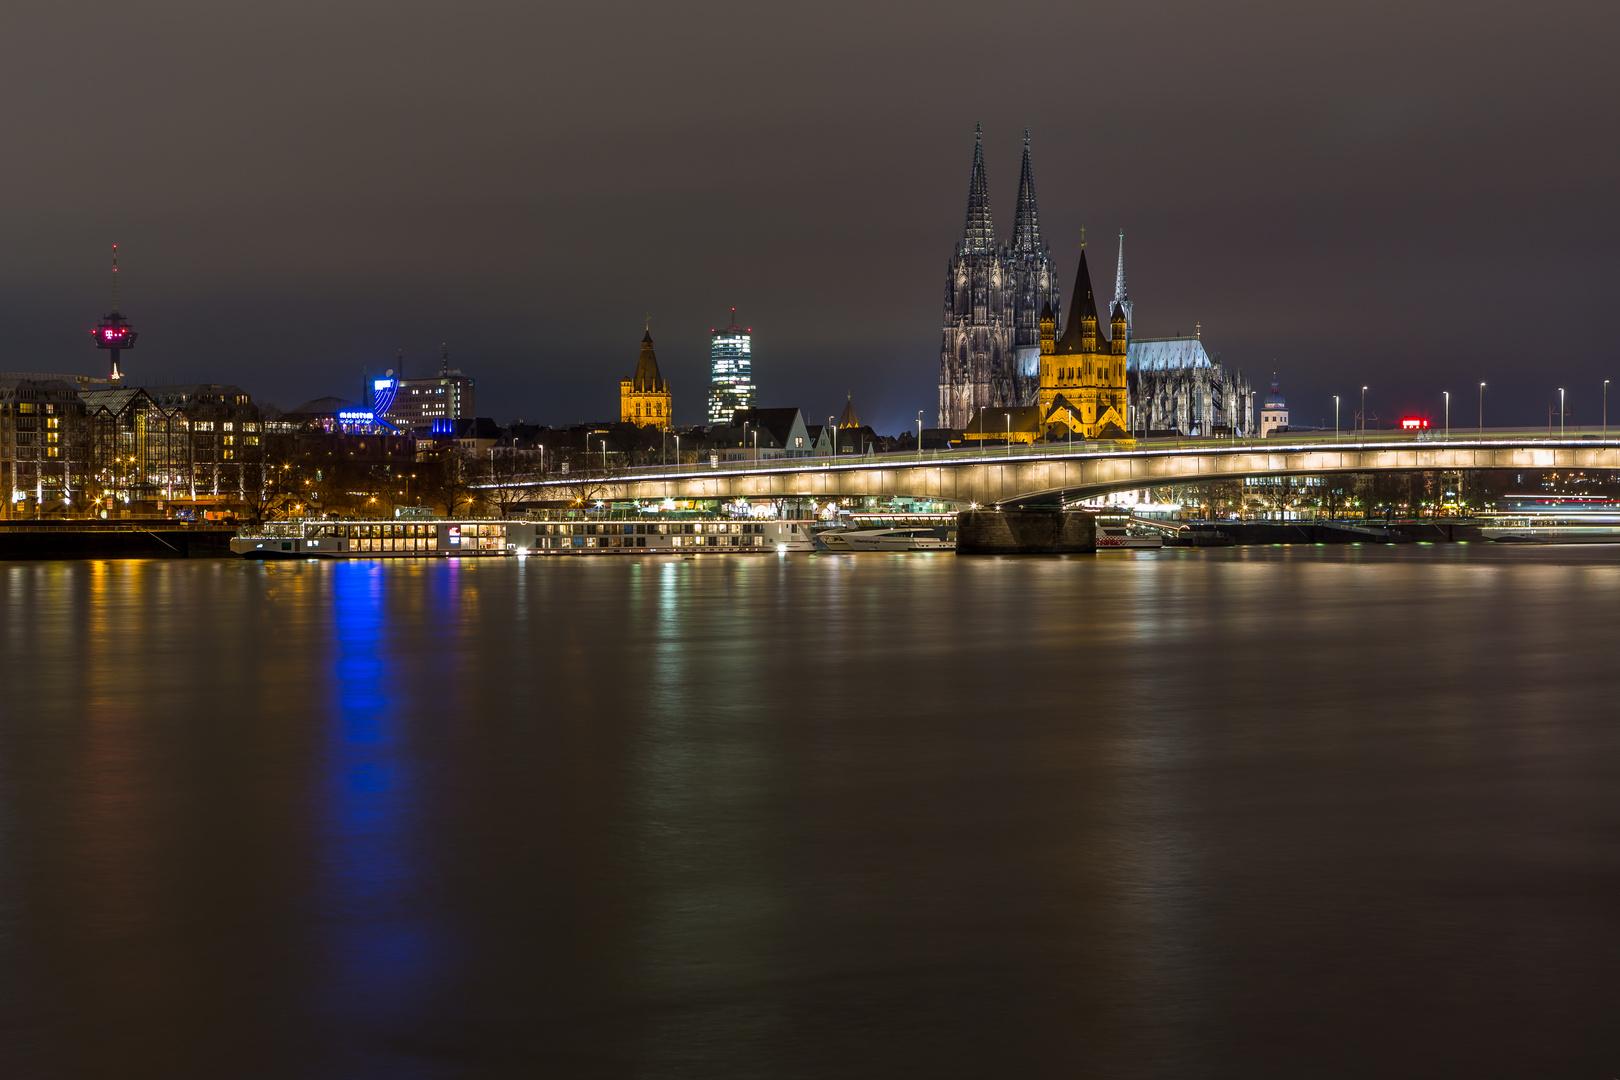 Der Kölner Dom mal ohne...